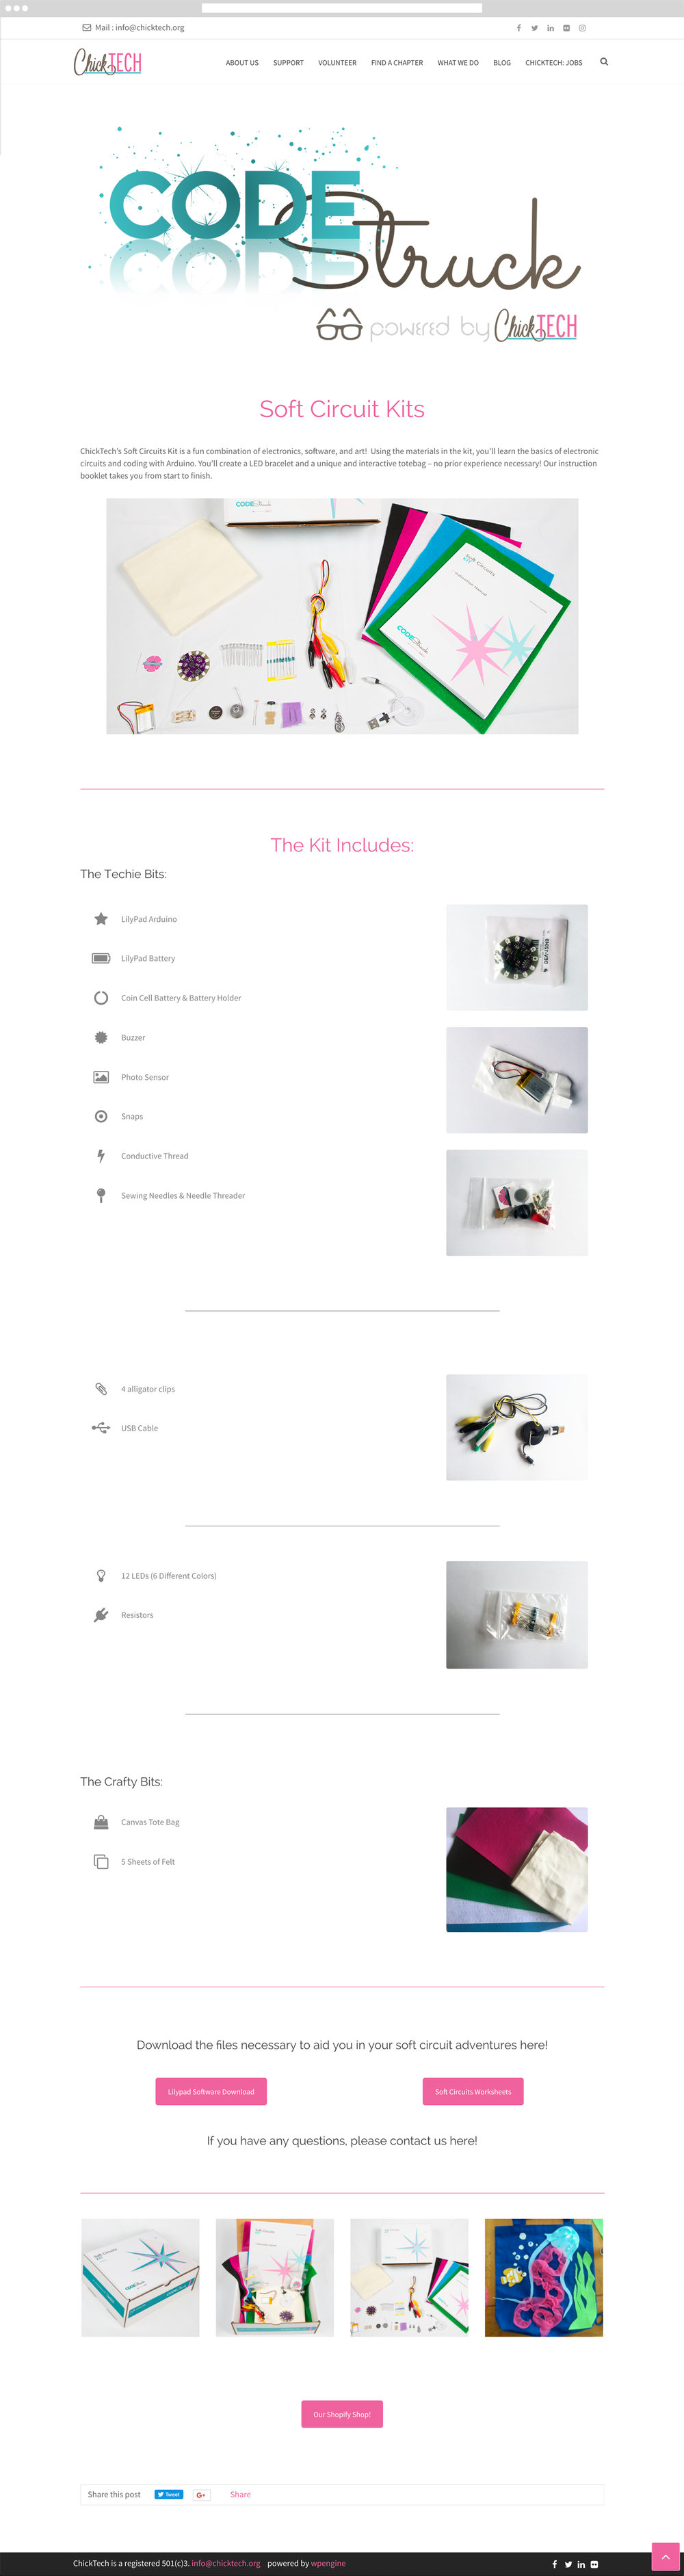 CHICKTECH-SoftCircuits-LONG.jpg